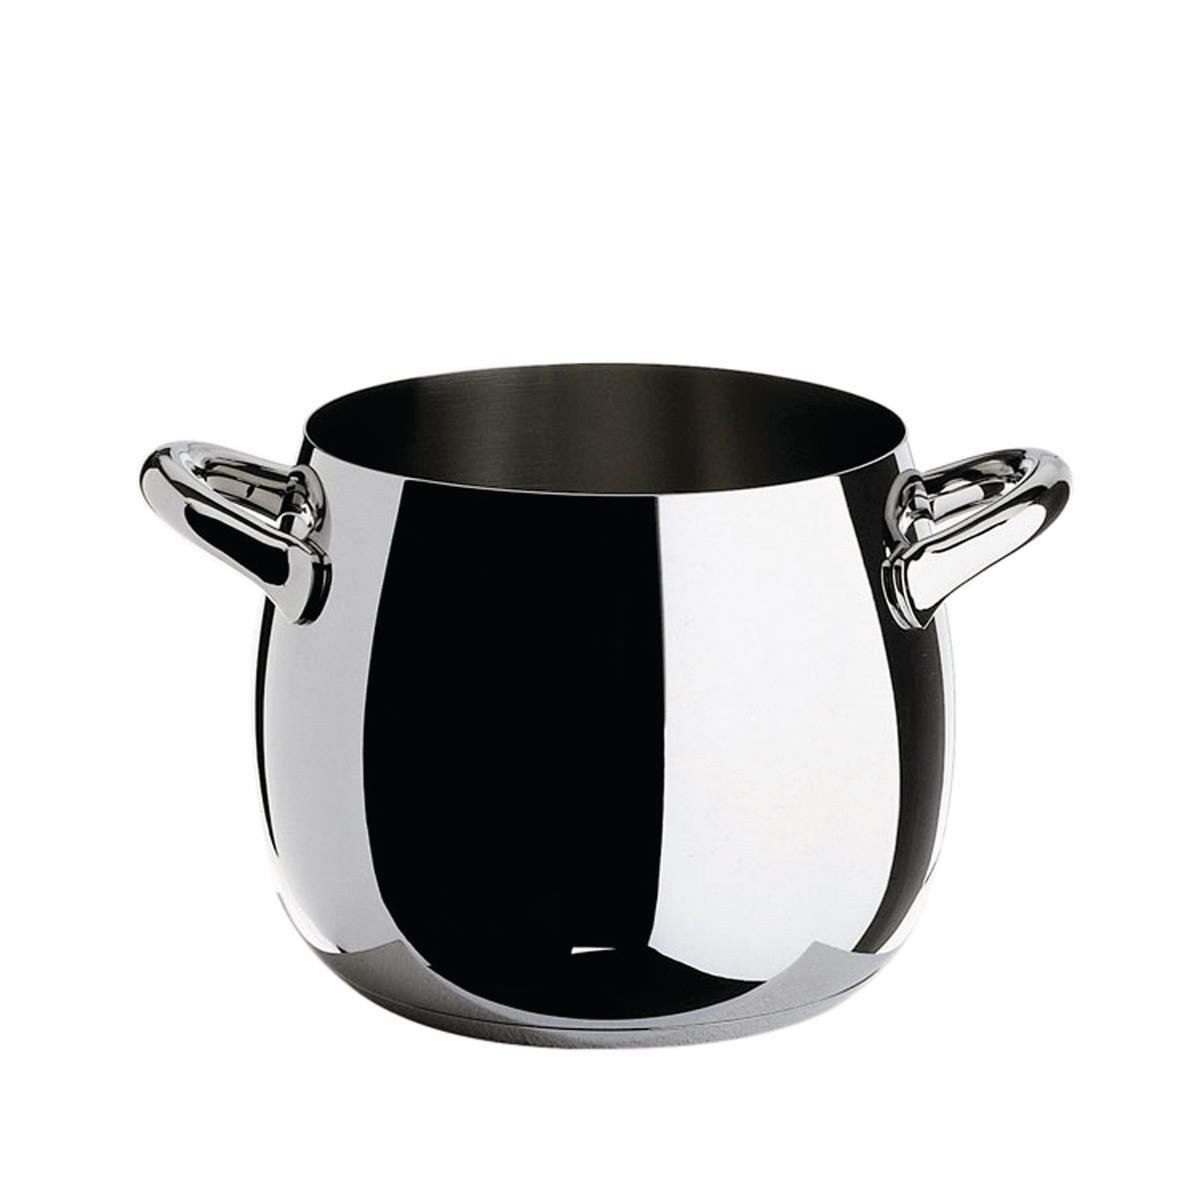 Alessi-Mami Pot aus 18/10 Edelstahl zur Induktion geeignet